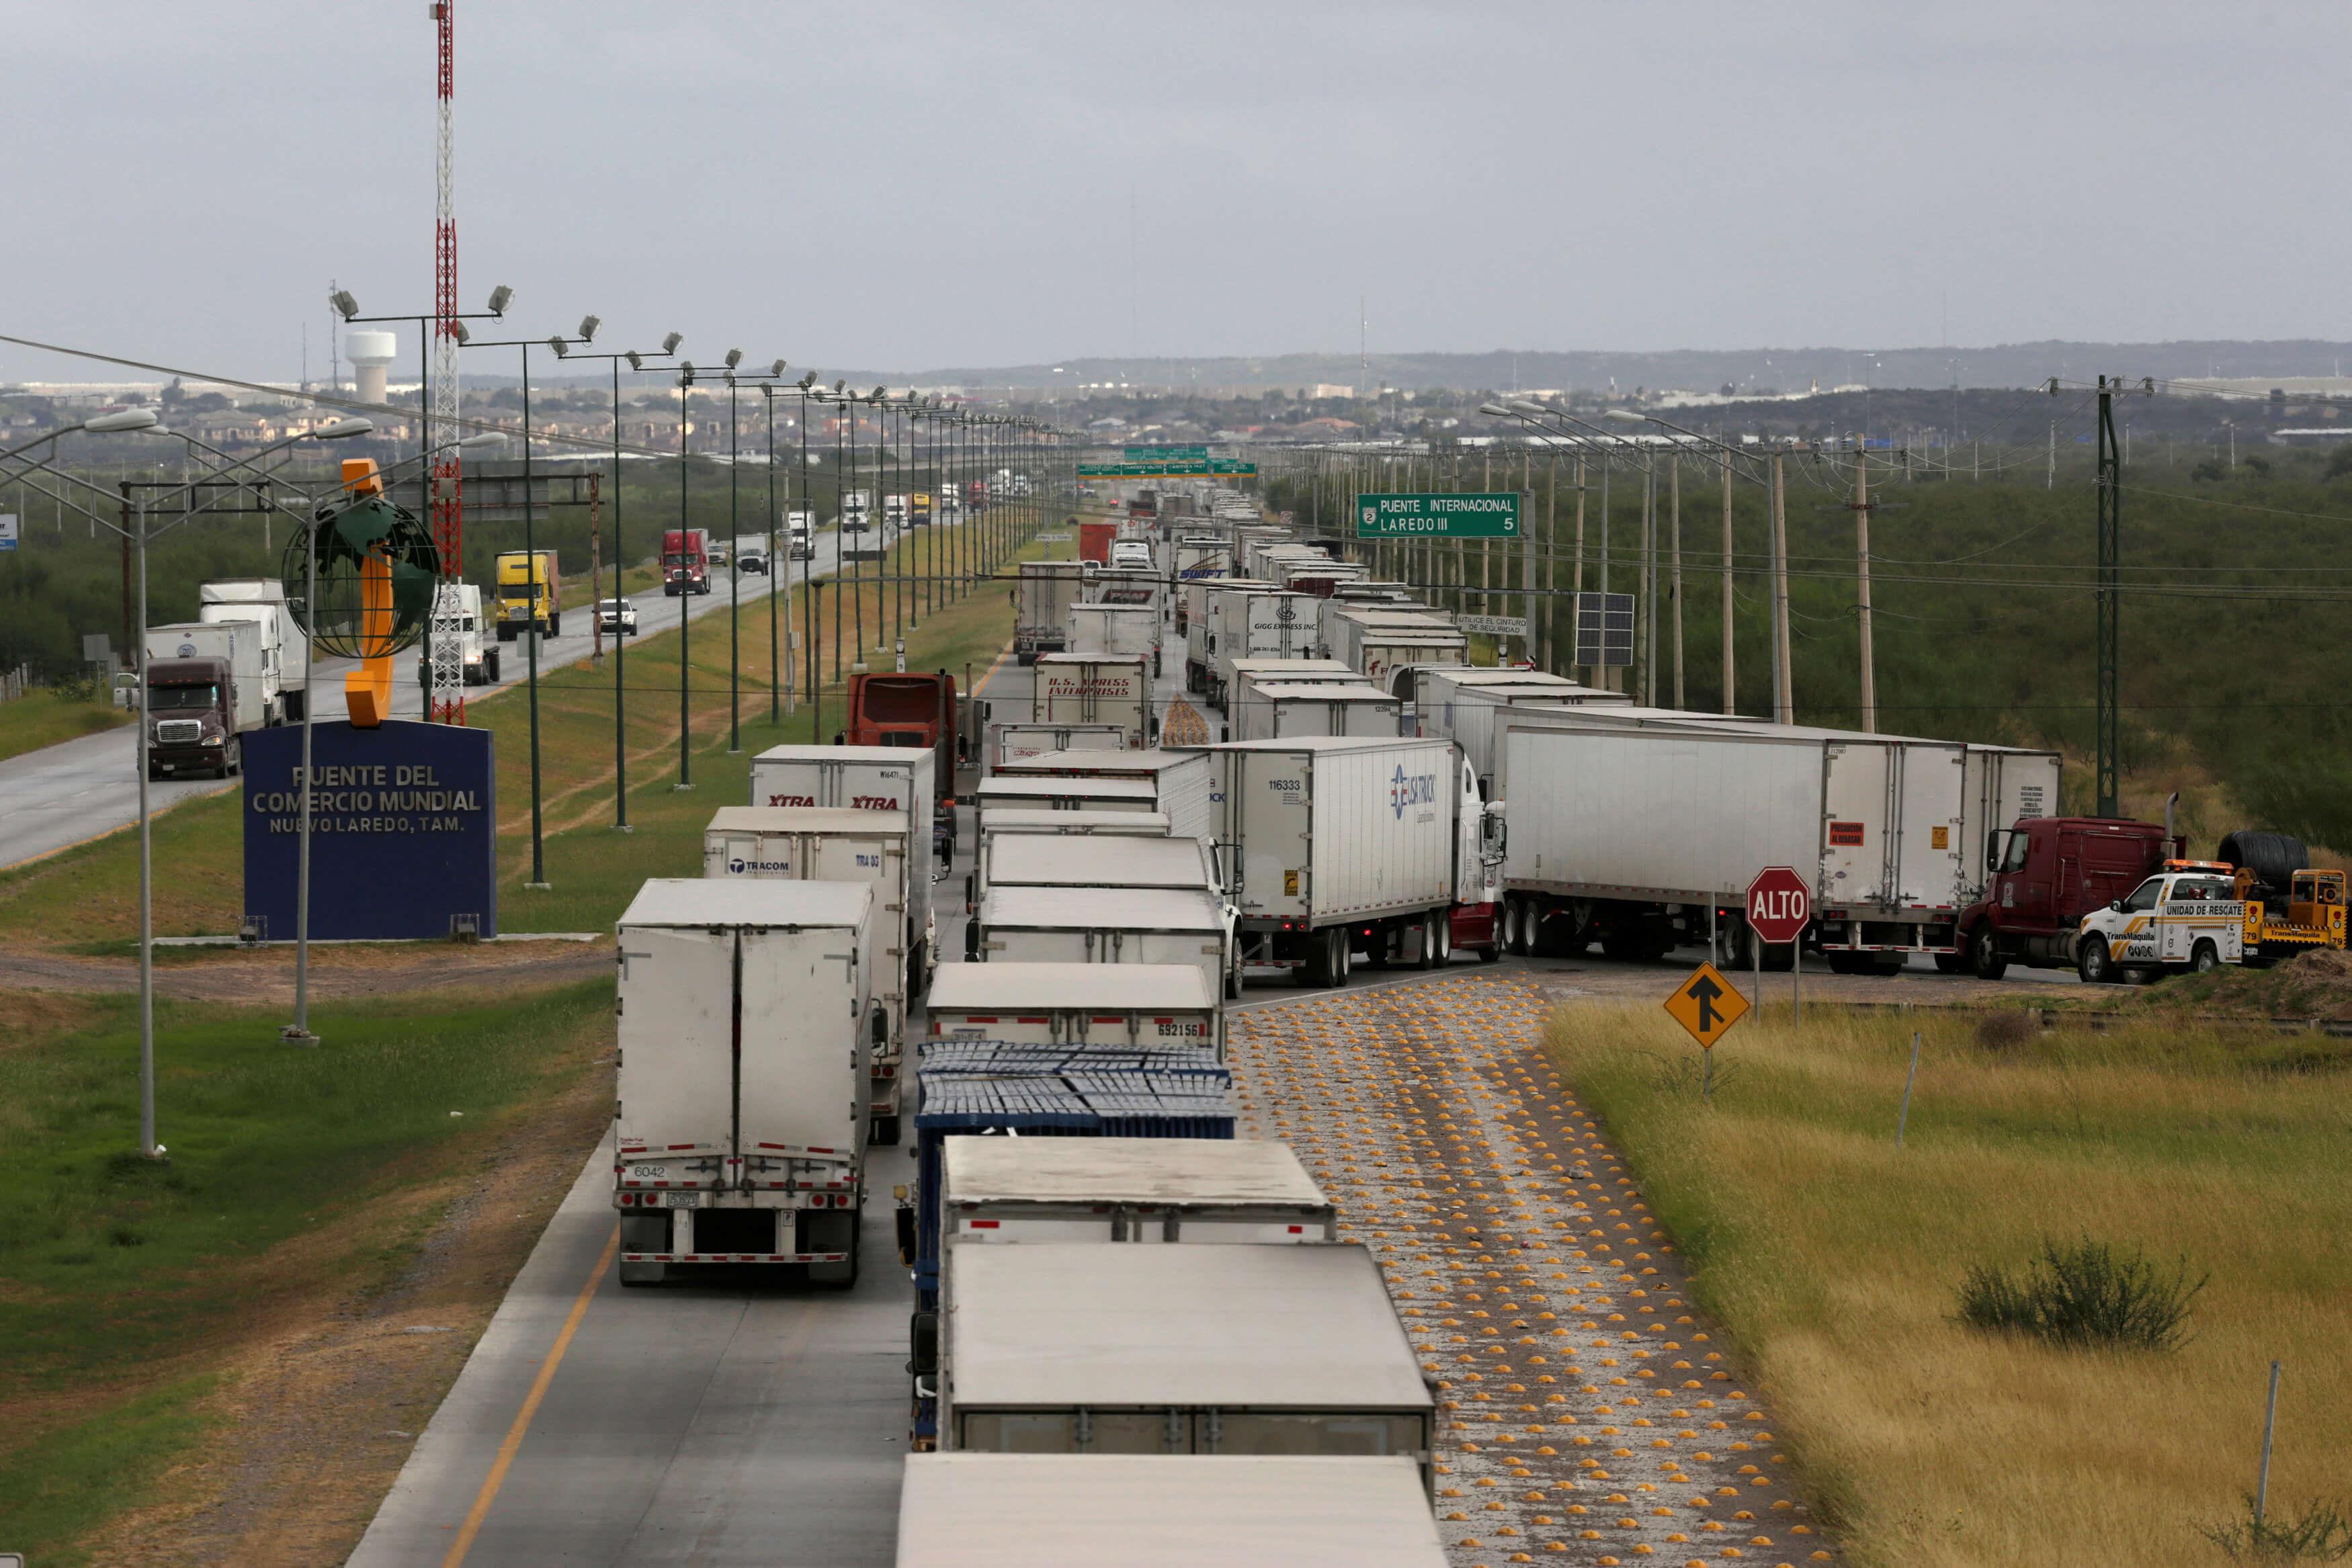 Aspectos del Puente del Comercio Mundial en Nuevo Laredo, Tamaulipas. (Reuters, archivo)